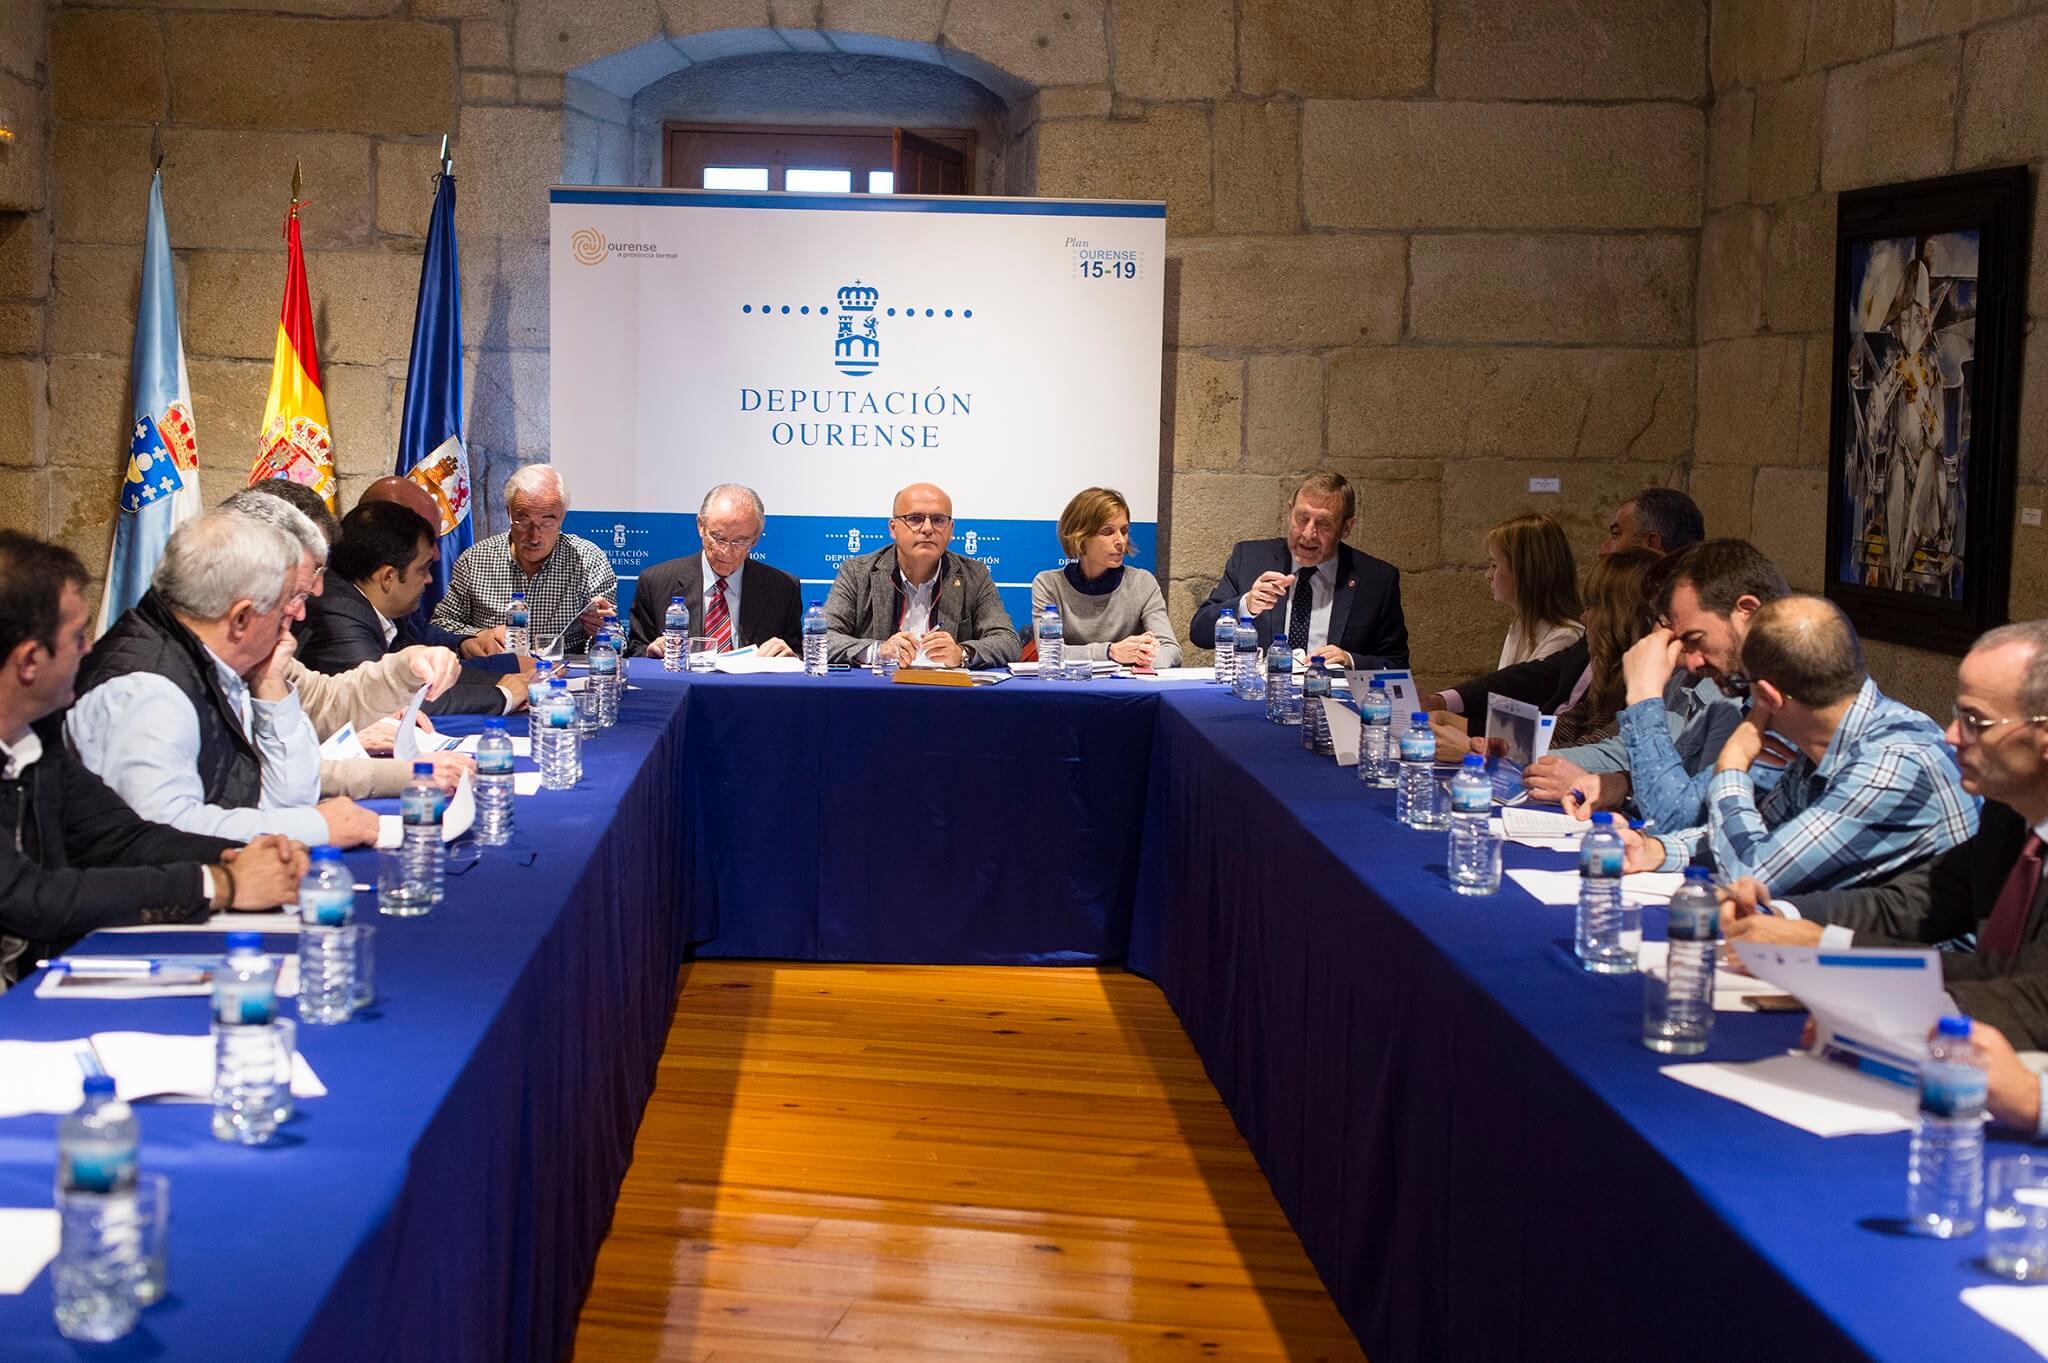 Turismo de Galicia insta aos concellos da Vía da Prata a crear unha mesa de traballo que funcione como órgano coordinador desta ruta xacobea